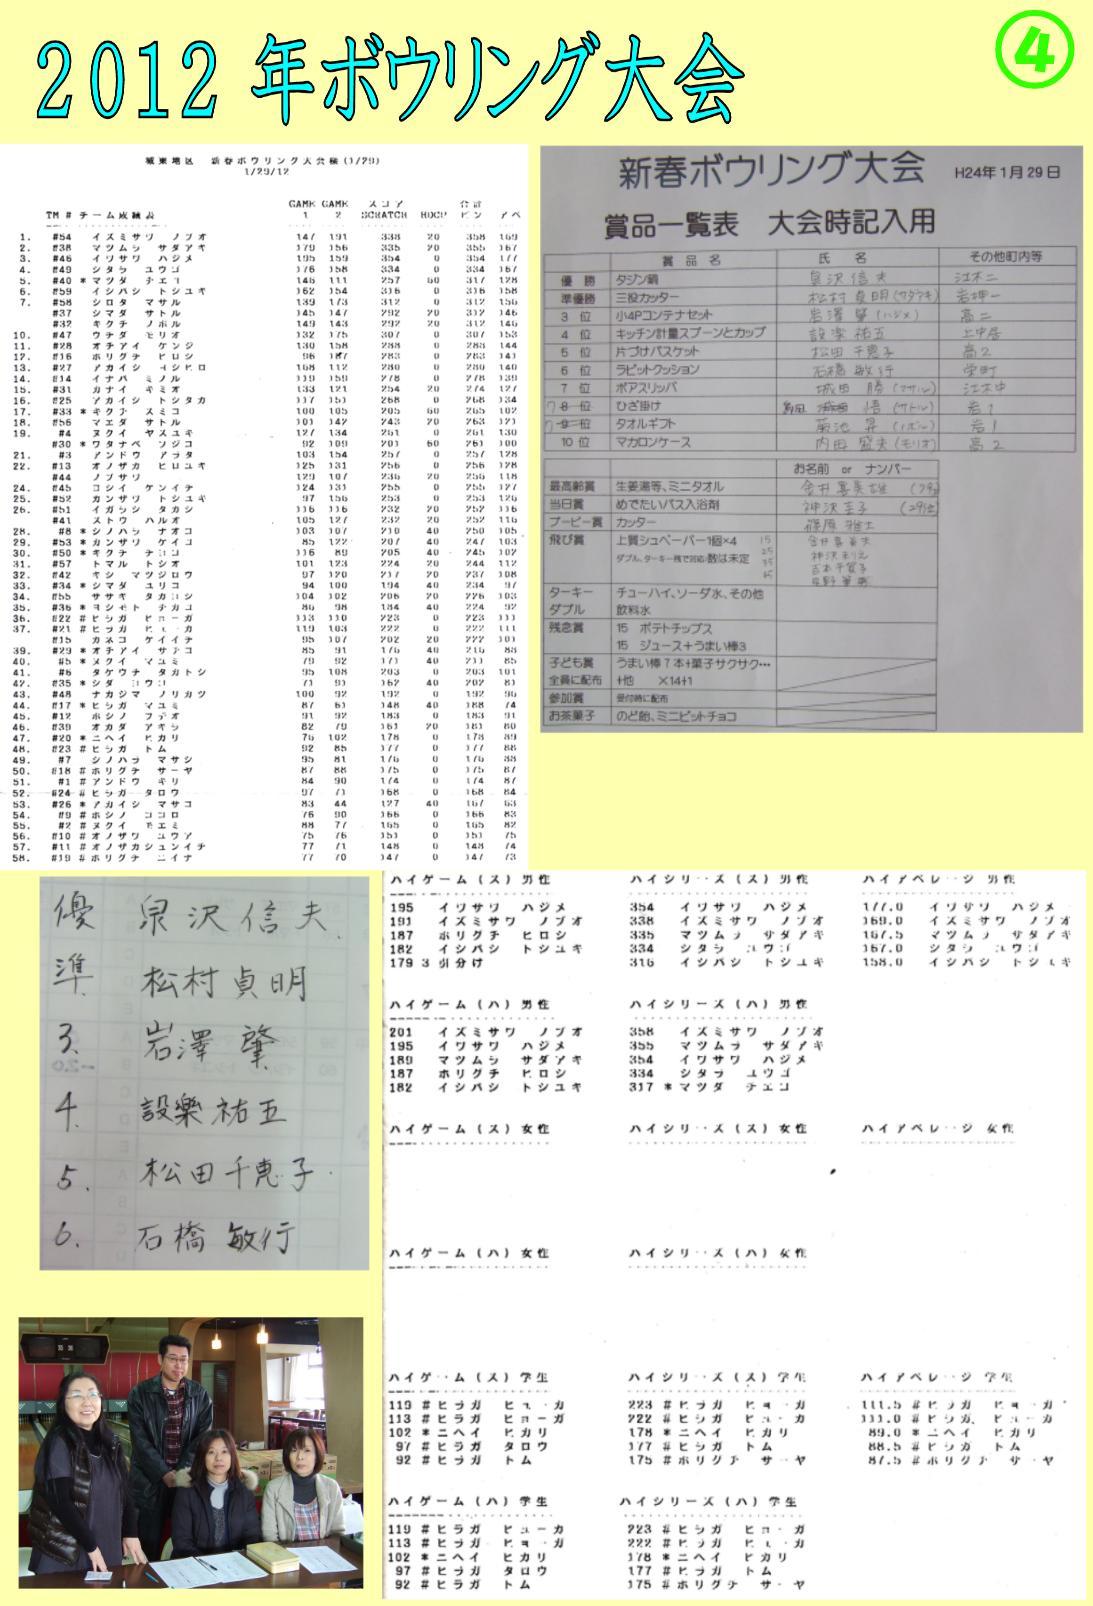 アップロードファイル 324-4.jpg